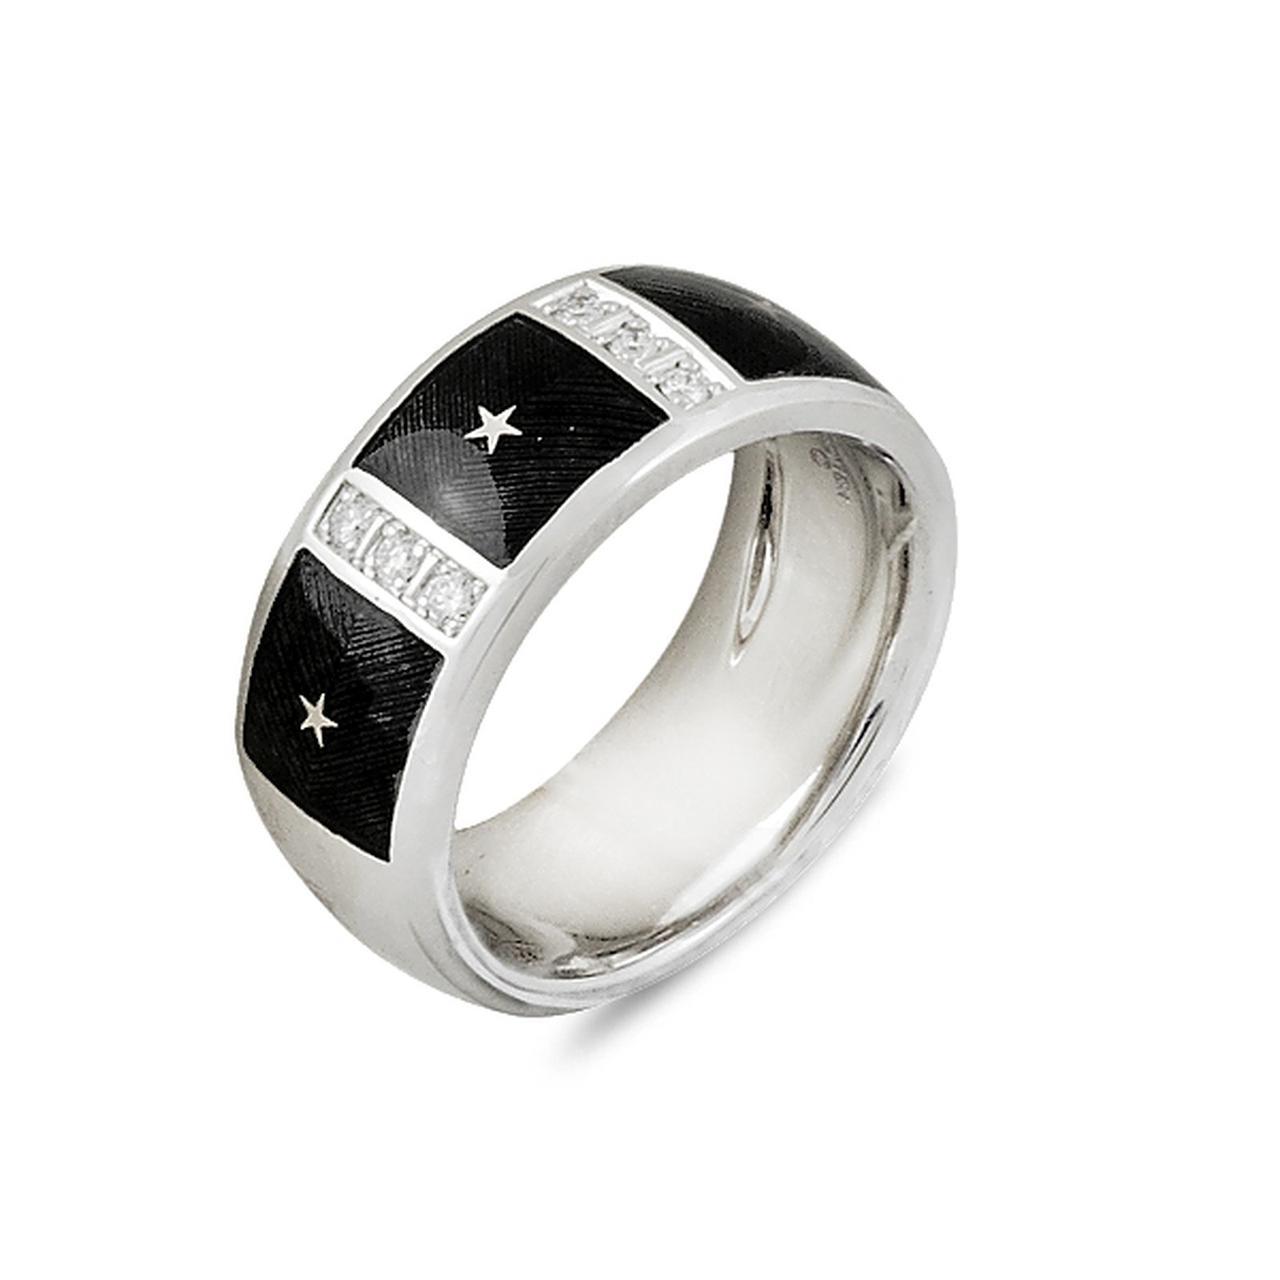 Золотое кольцо с бриллиантами и эмалью, размер 16.5 (005929)